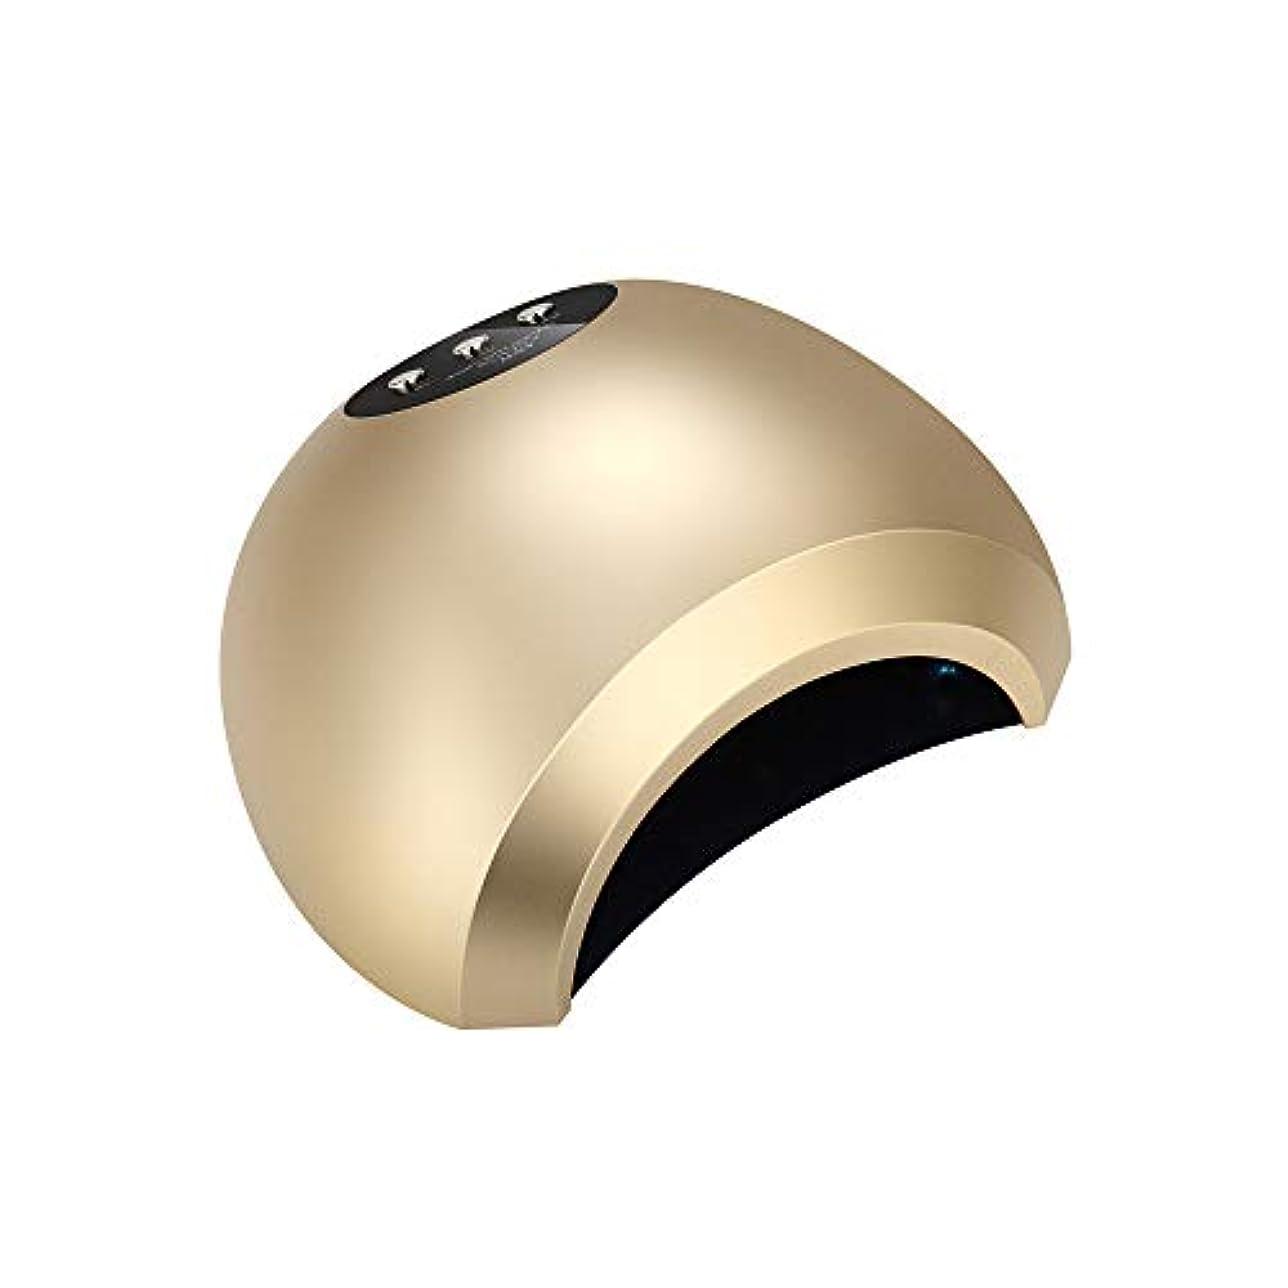 努力短くするシャーロックホームズ48Wインテリジェント誘導デュアル光源放熱無痛速乾性光線療法ランプネイルポリッシュグルーライト速乾性ドライヤーネイルポリッシュUVランプ